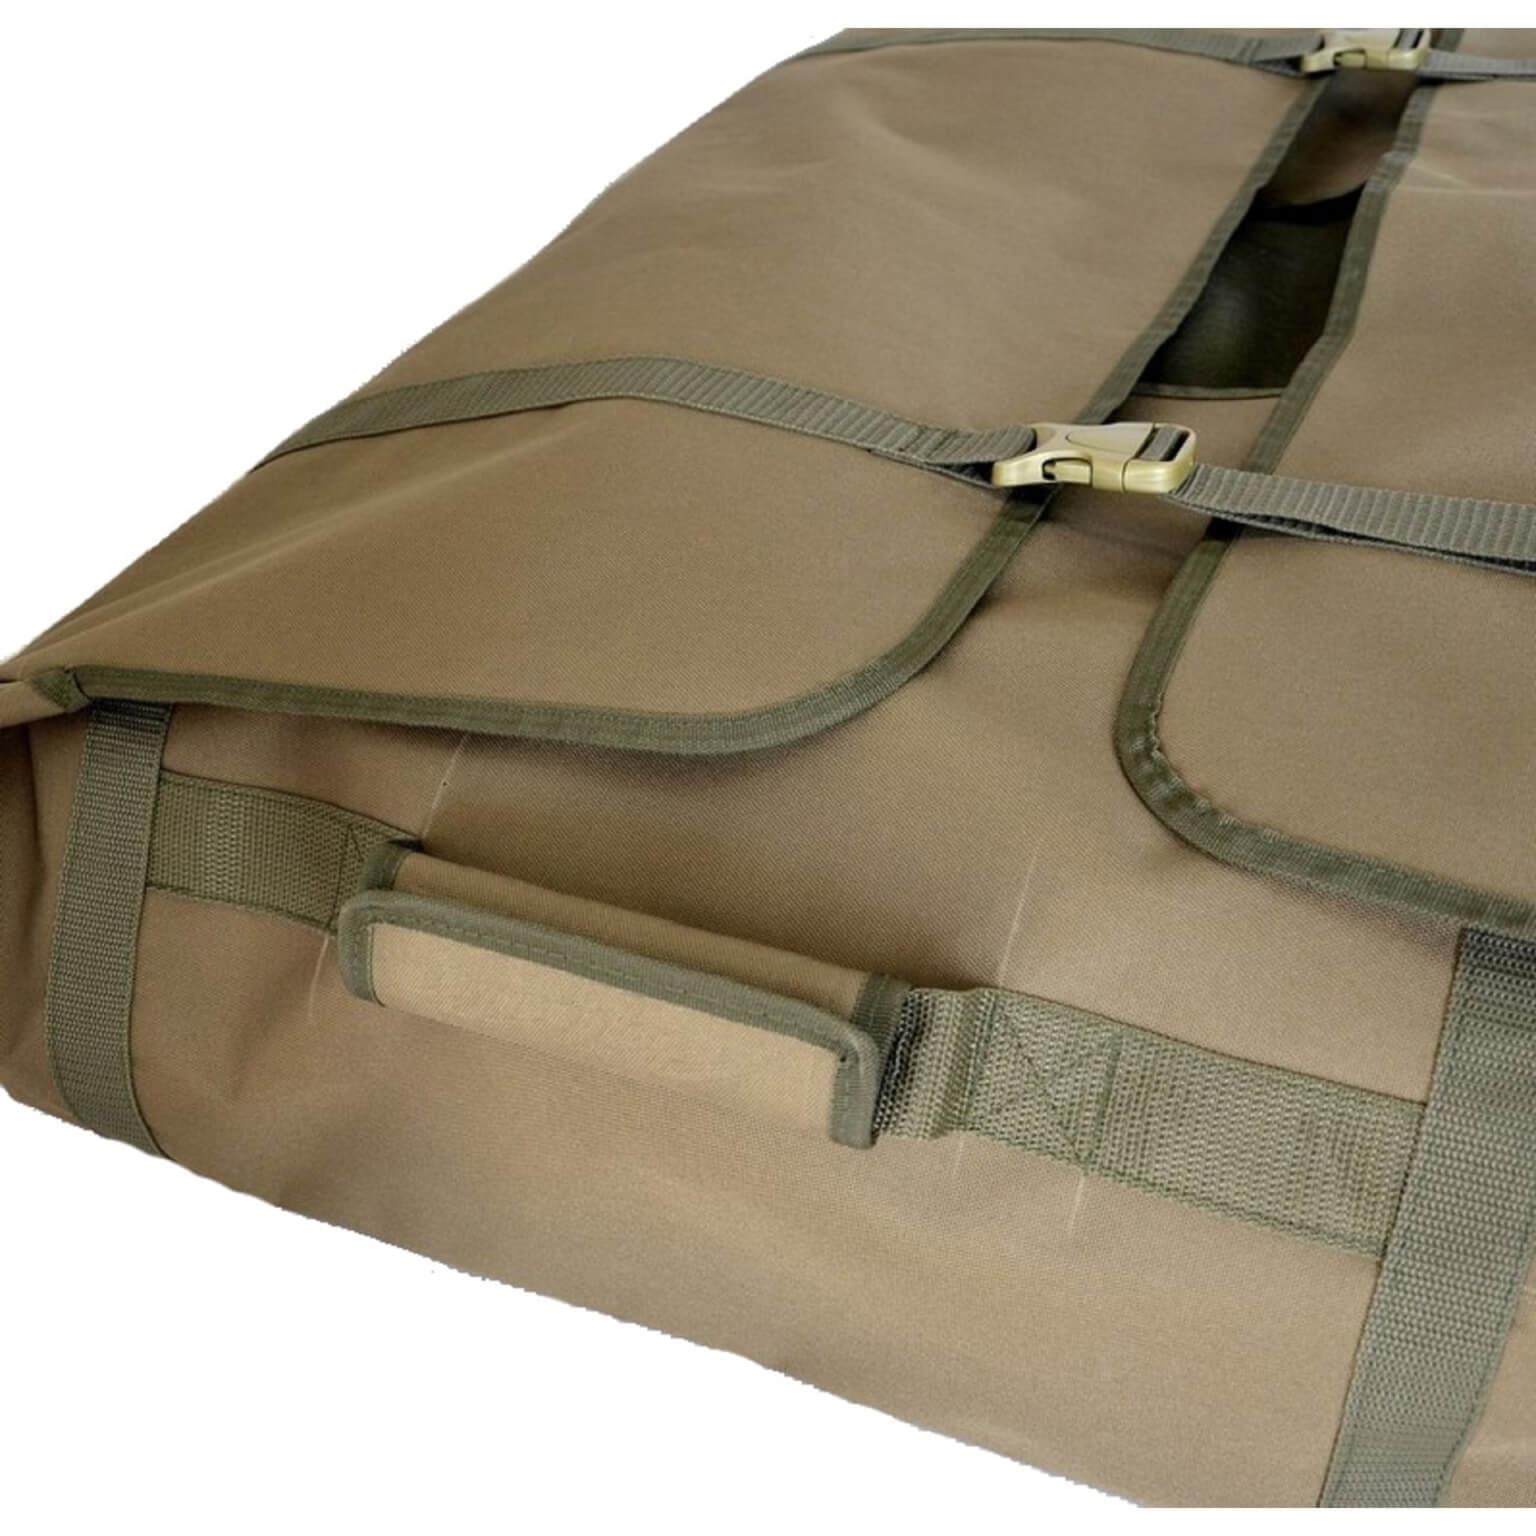 Чехол Aquatic Ч-22 для раскладушки, стула